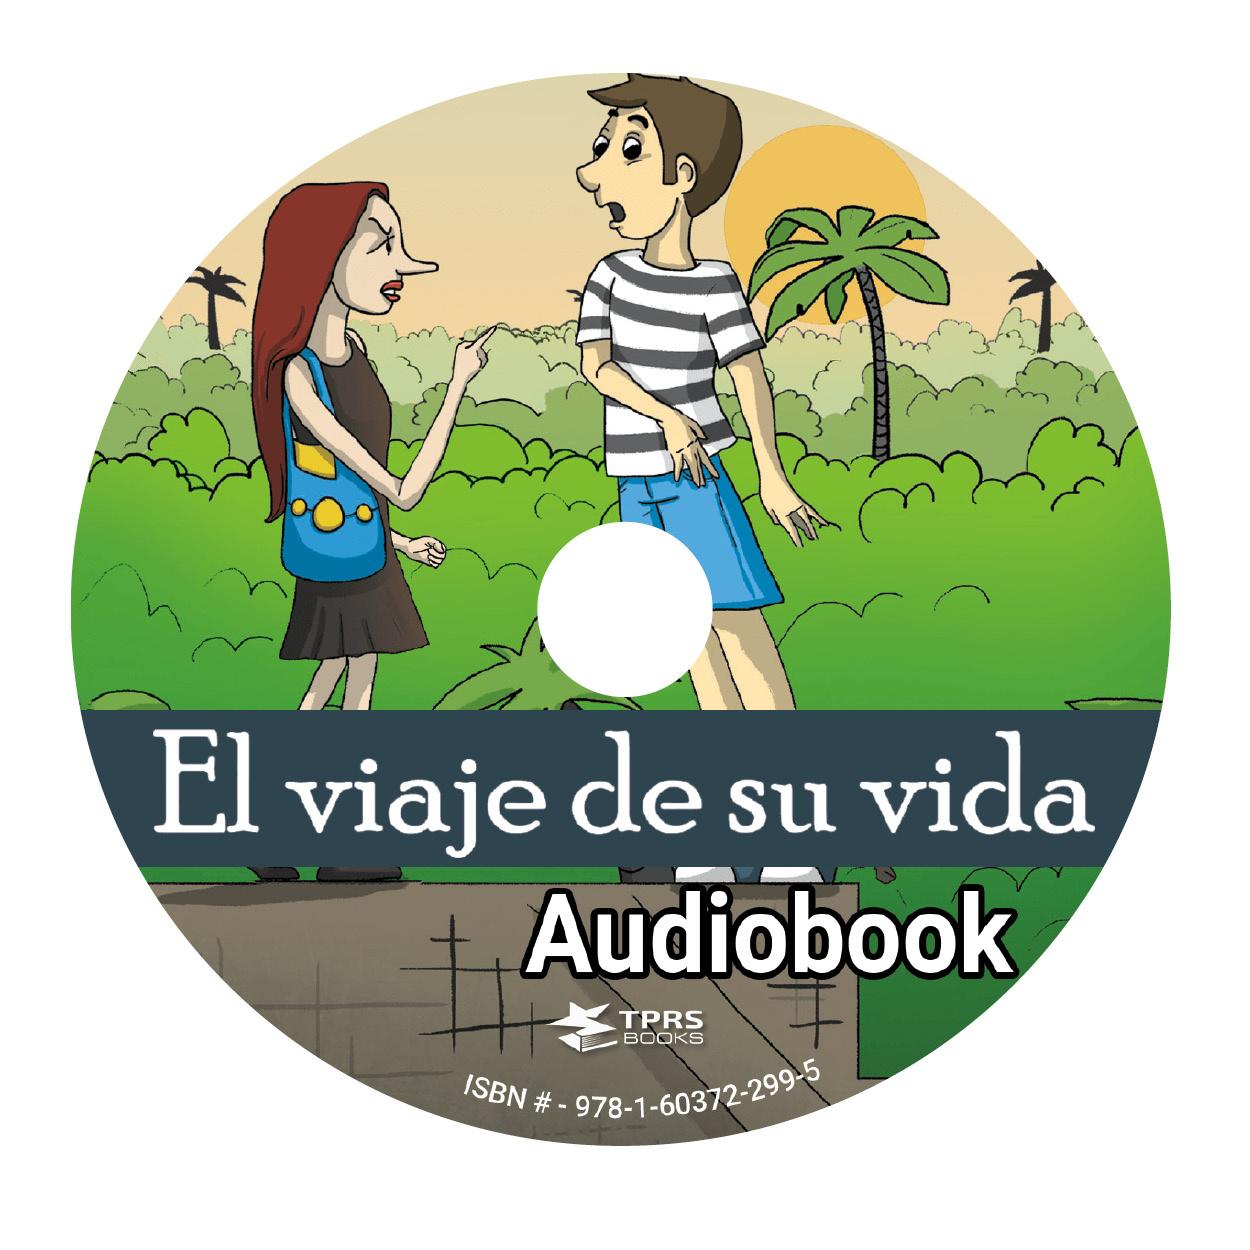 El viaje de su vida - Audio book